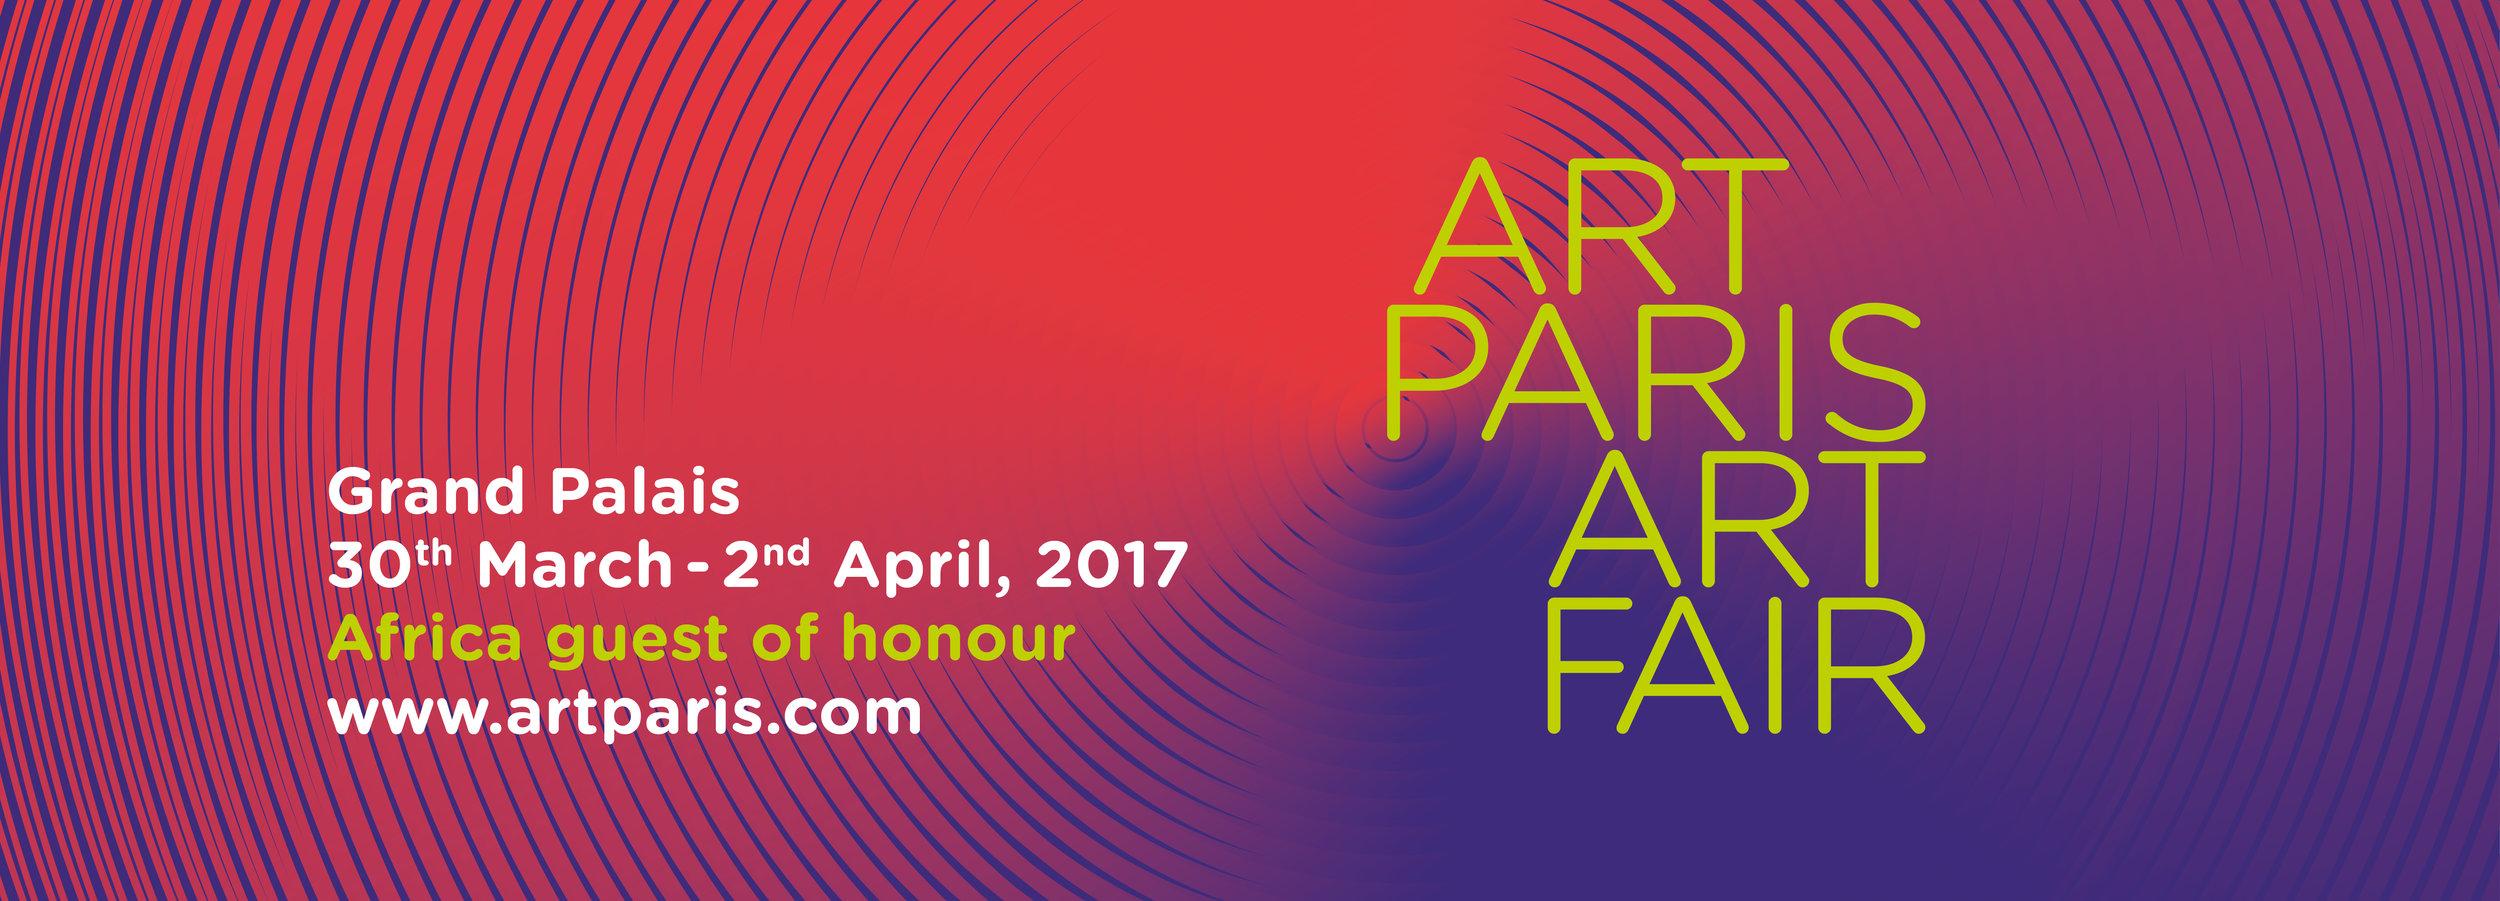 Galerie Rabouan Moussion - Stand C15 - Art Paris Art Fair 2017